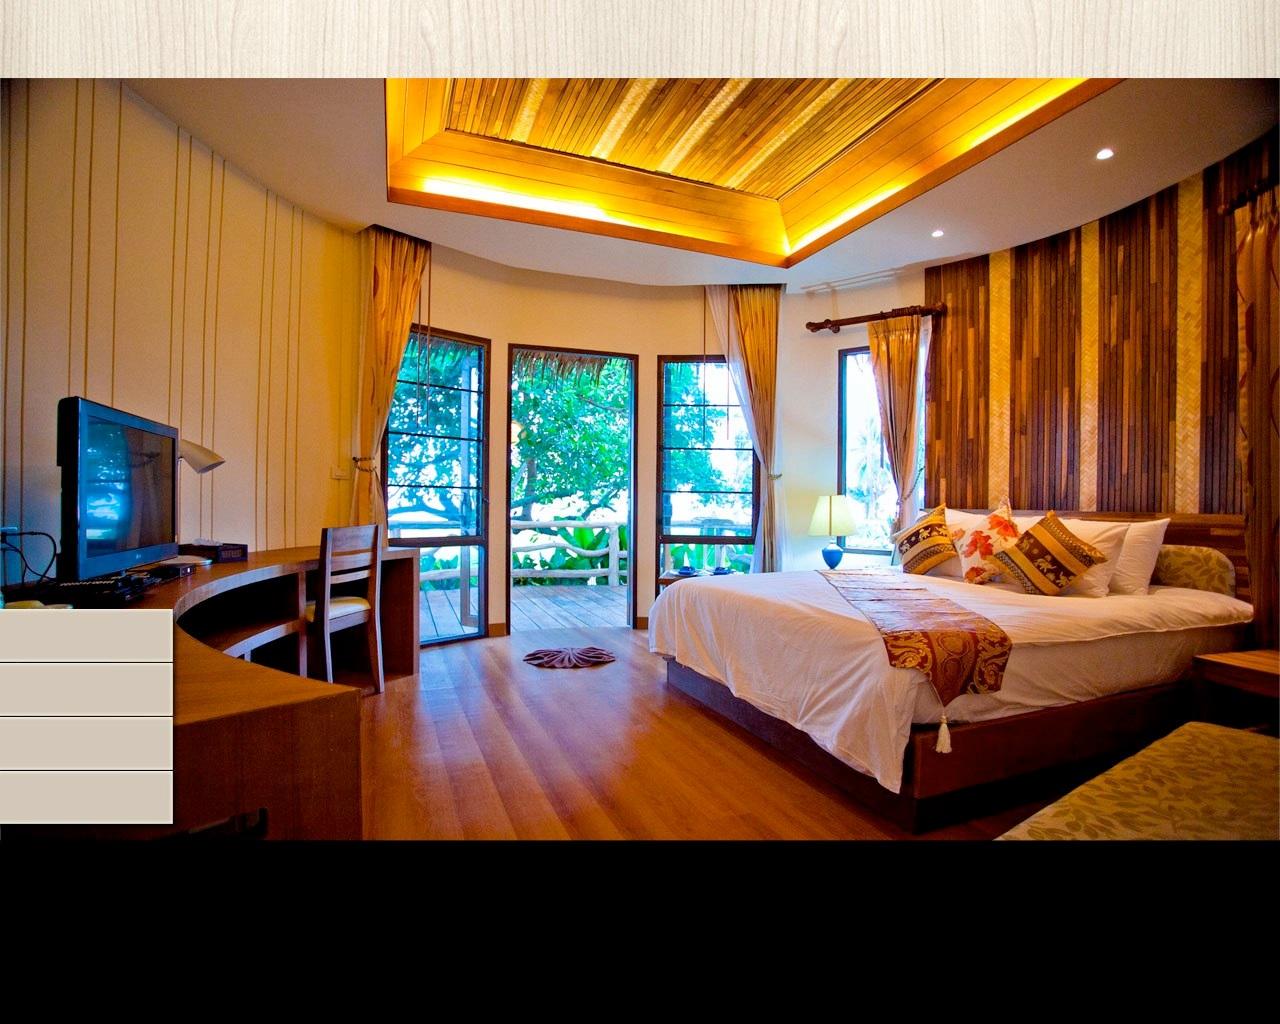 bedroom-interiors-design Punjabi Bagh Interior Designer Home Office Builder Construction Civil Contractors Architects New Delhi-decorators-contractors-for-home-house-apartment-delhi-gurgaon-india